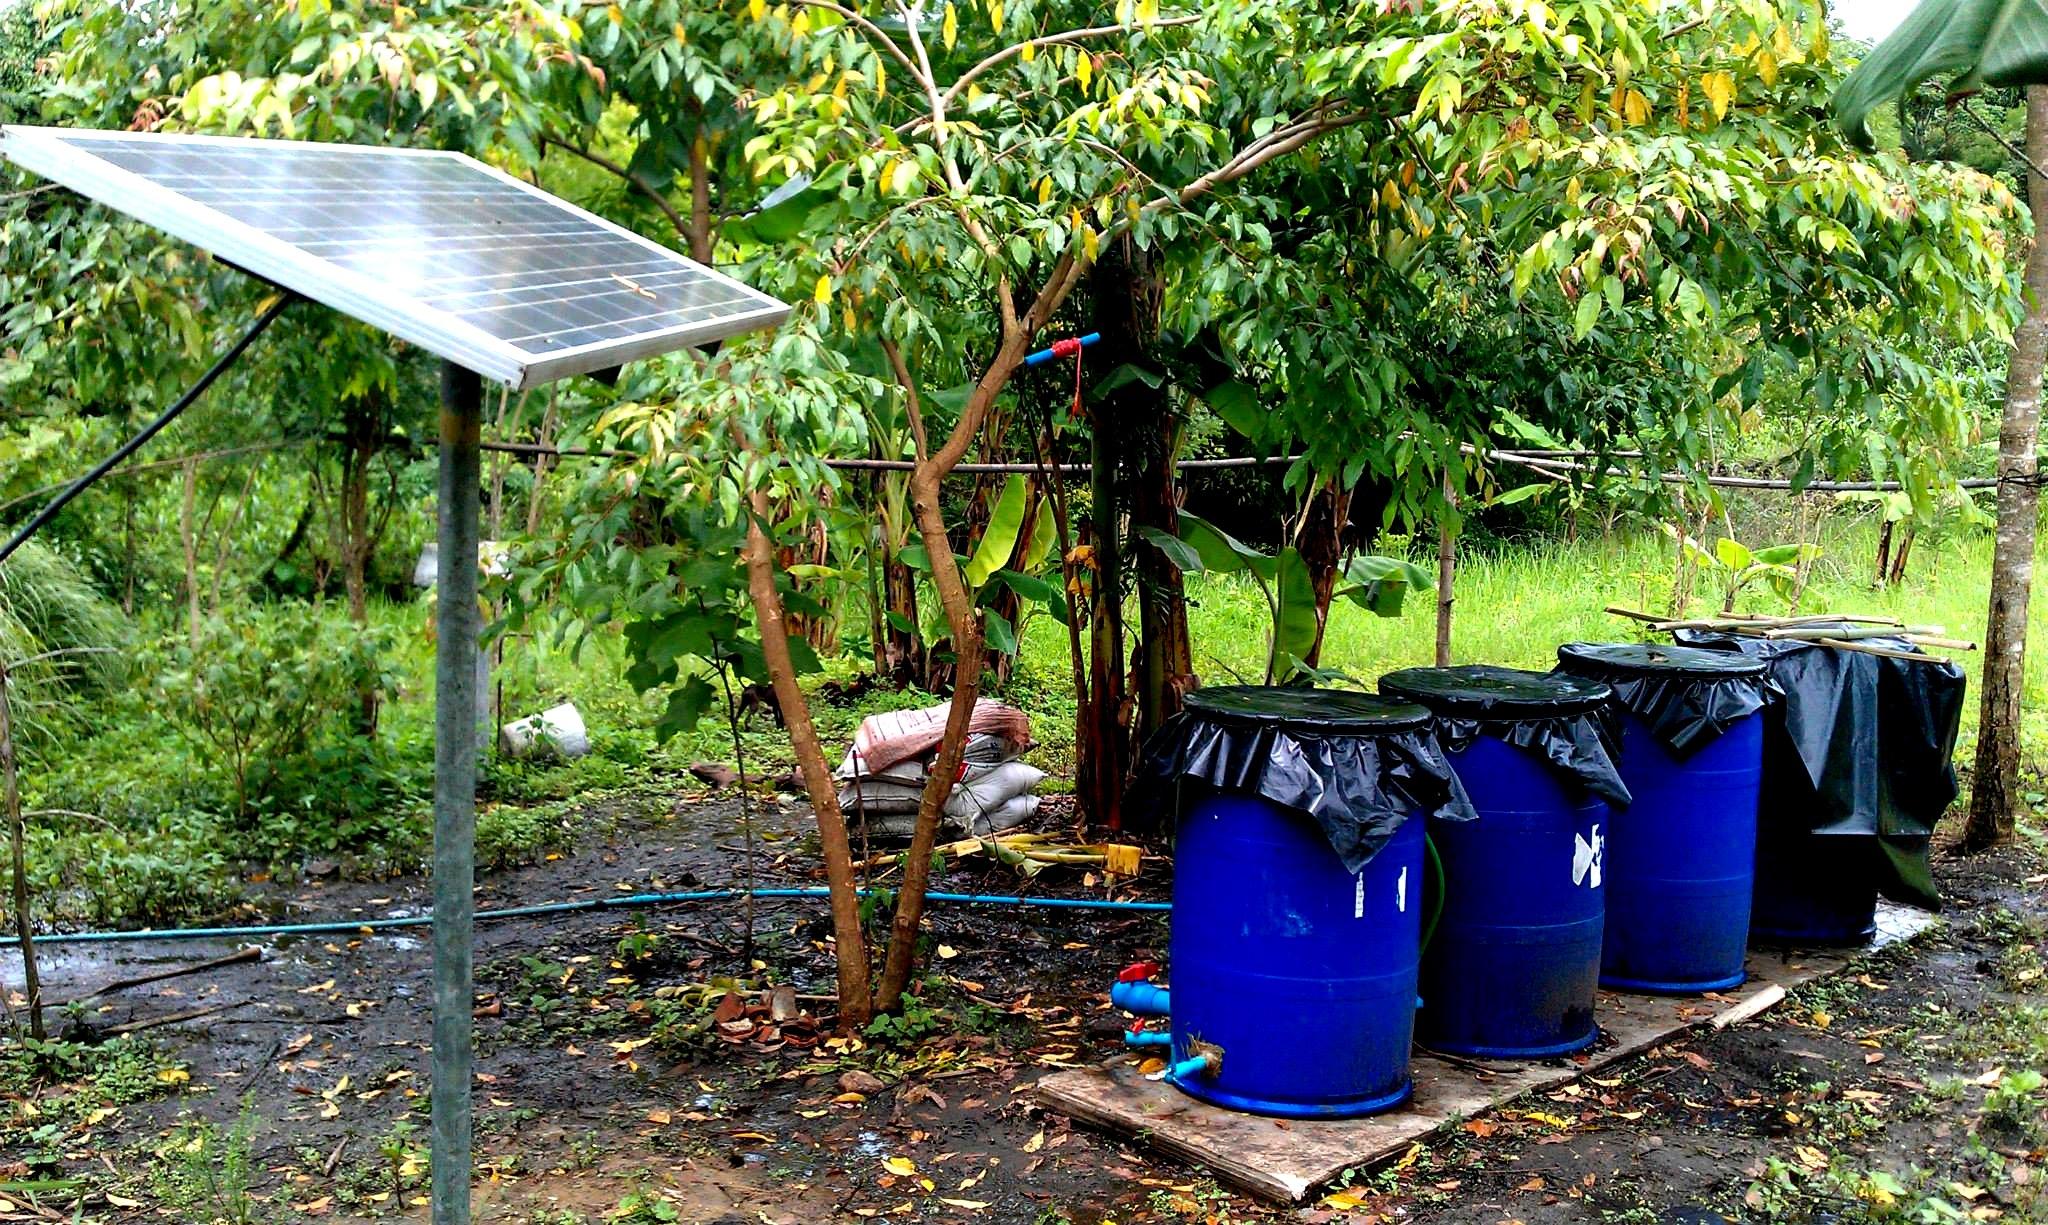 今夏完成架設的太陽能板,以及簡易砂石木炭過濾系統,提供農場電力及生活水所需。